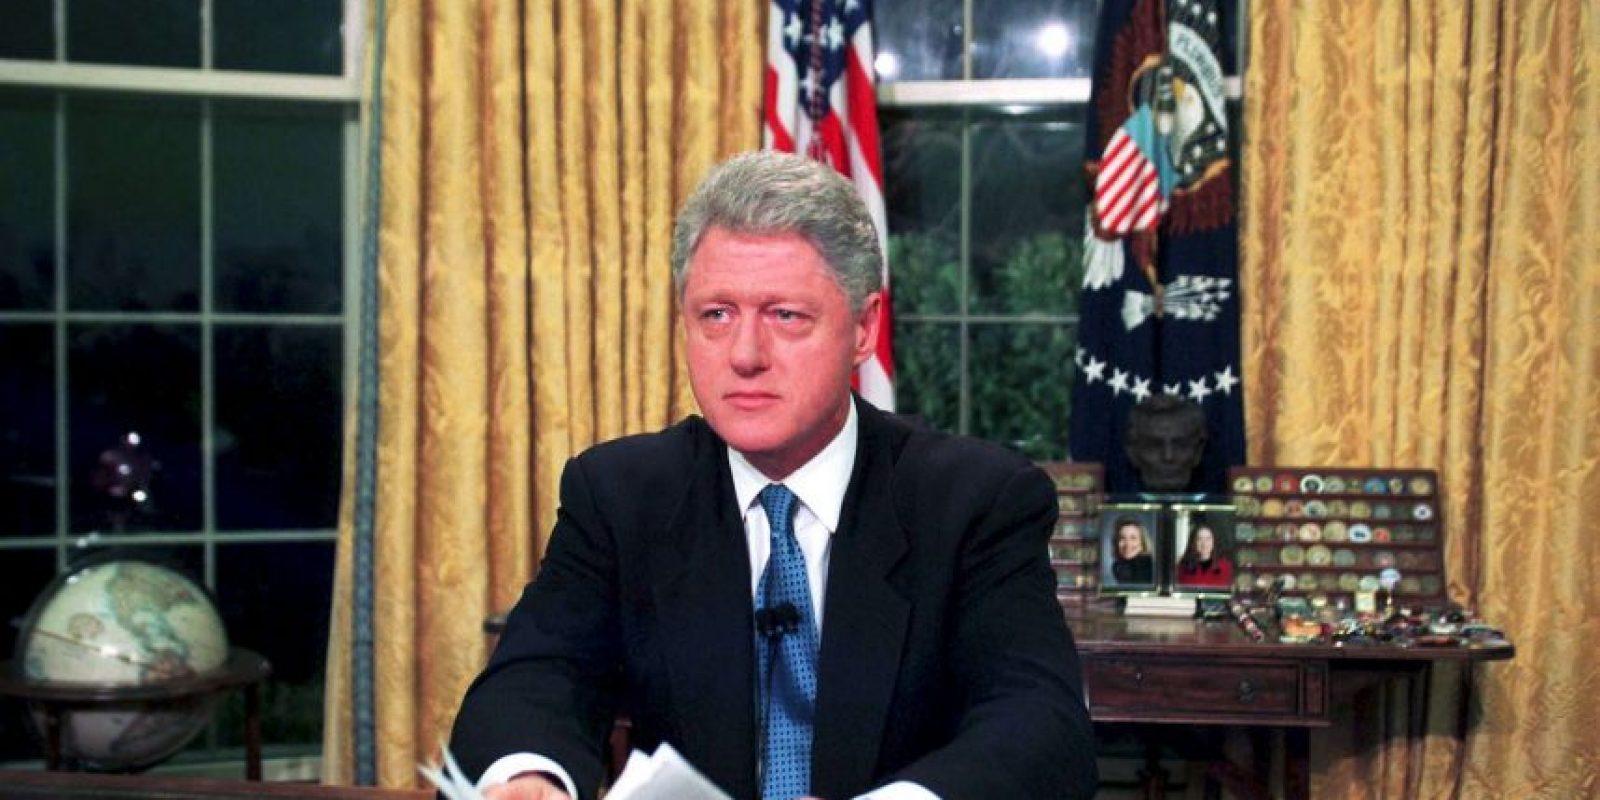 Para marzo de 1996, el presidente demócrata Bill Clinton promulga la Ley Helms-Burton, que permite demandar a quienes negocien con propiedades confiscadas a estadounidenses en la isla. Foto:Getty Images